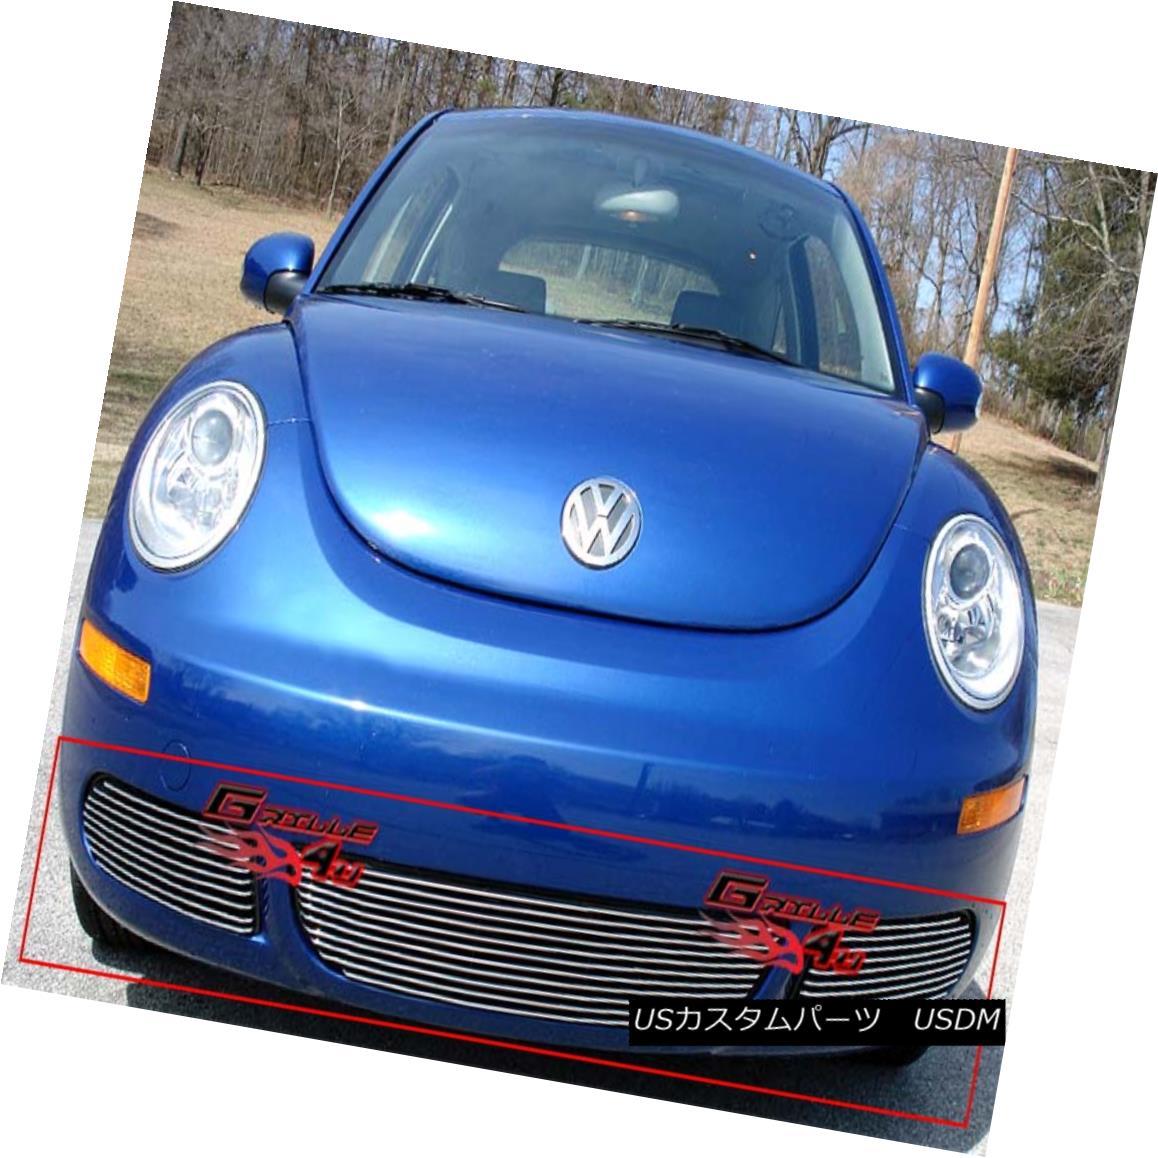 グリル Fits 2006-2011 VW Volkswagen Beetle Bumper Billet Grille フィット2006年から2011年のVWフォルクスワーゲンビートルバンパービレットグリル